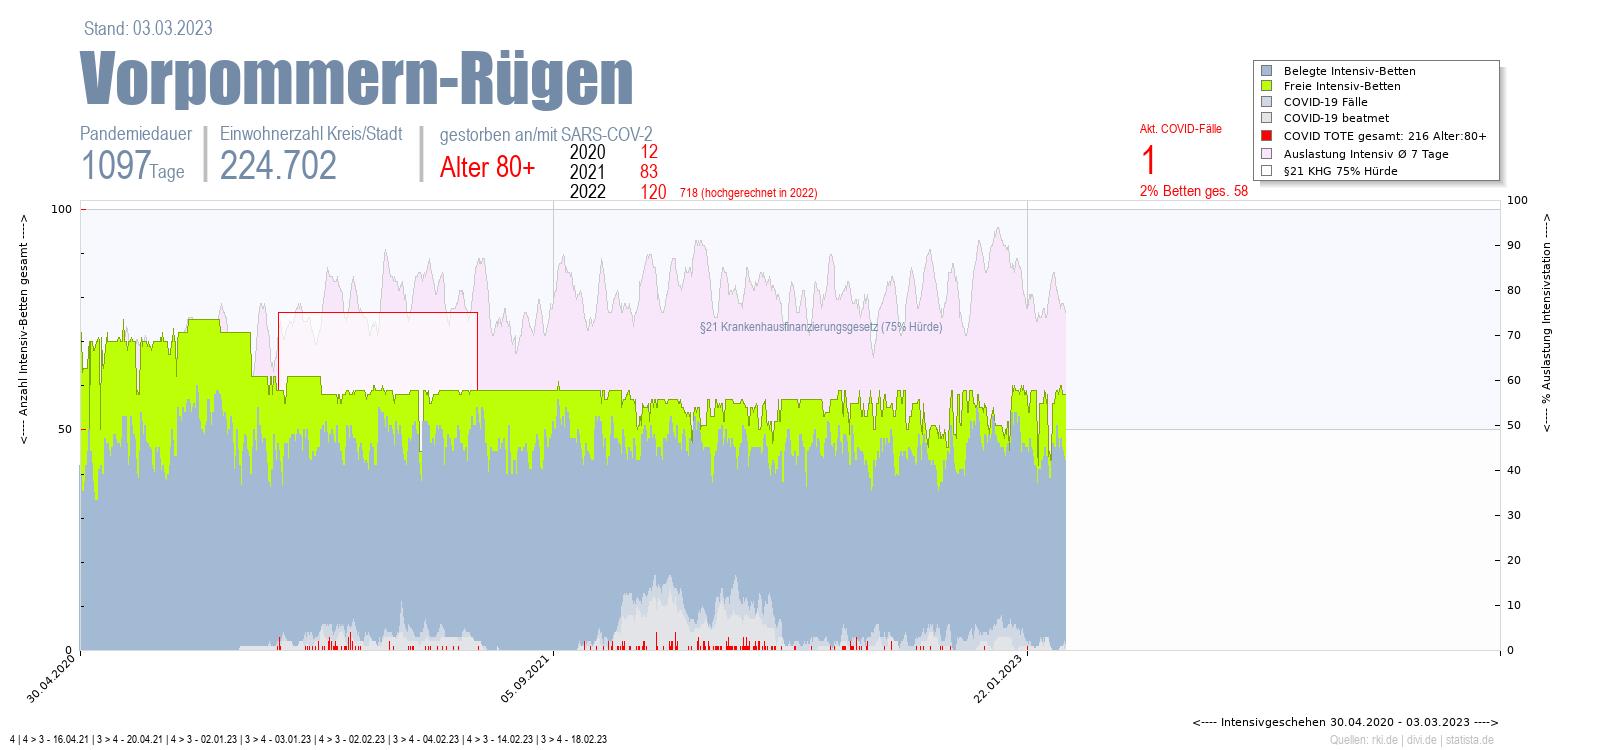 Intensivstation Auslastung Vorpommern-Rügen Alter 0-4